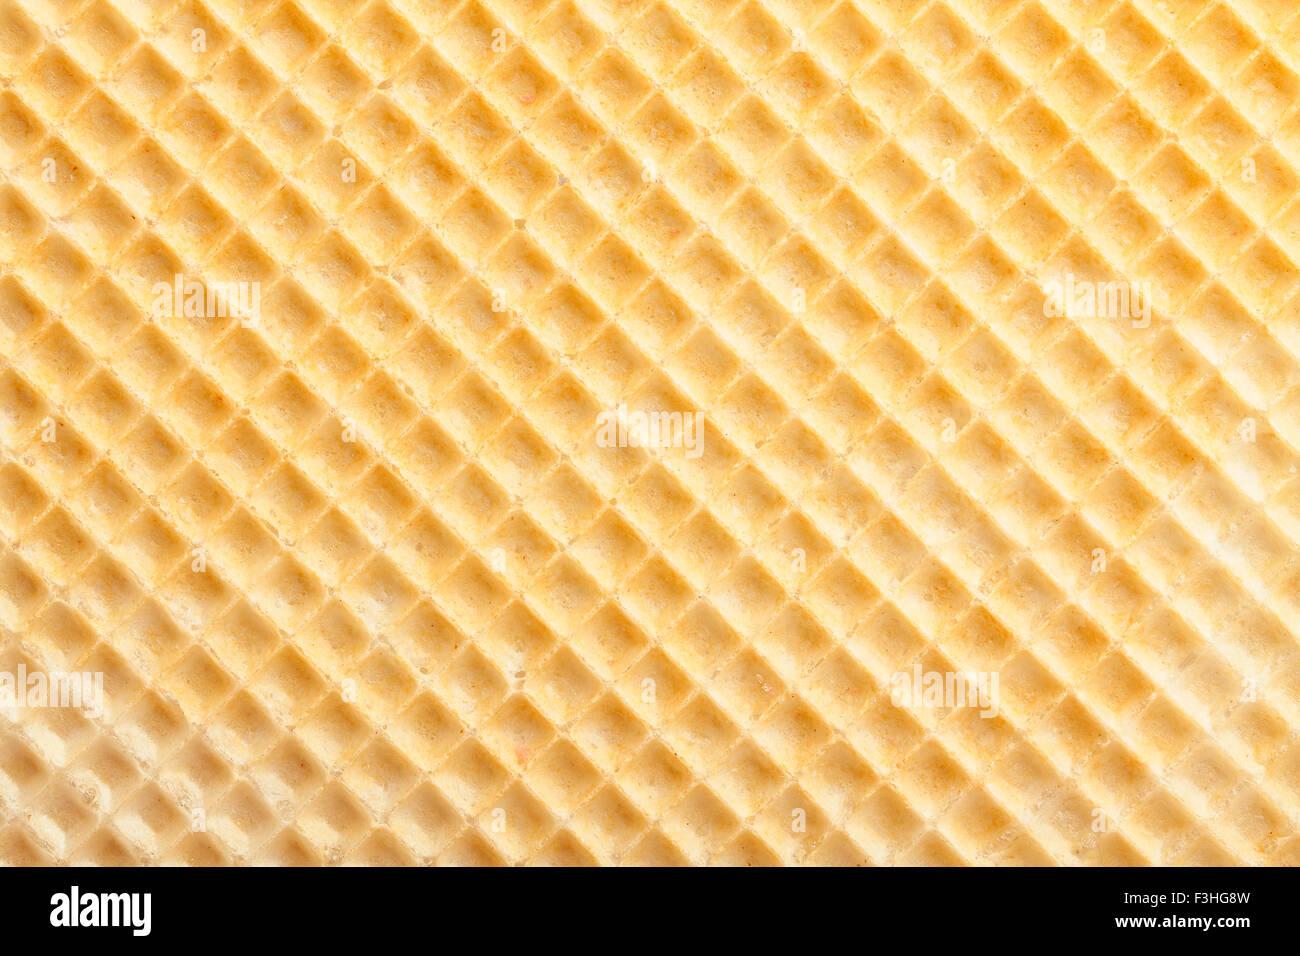 yellow waffle texture pattern - Stock Image